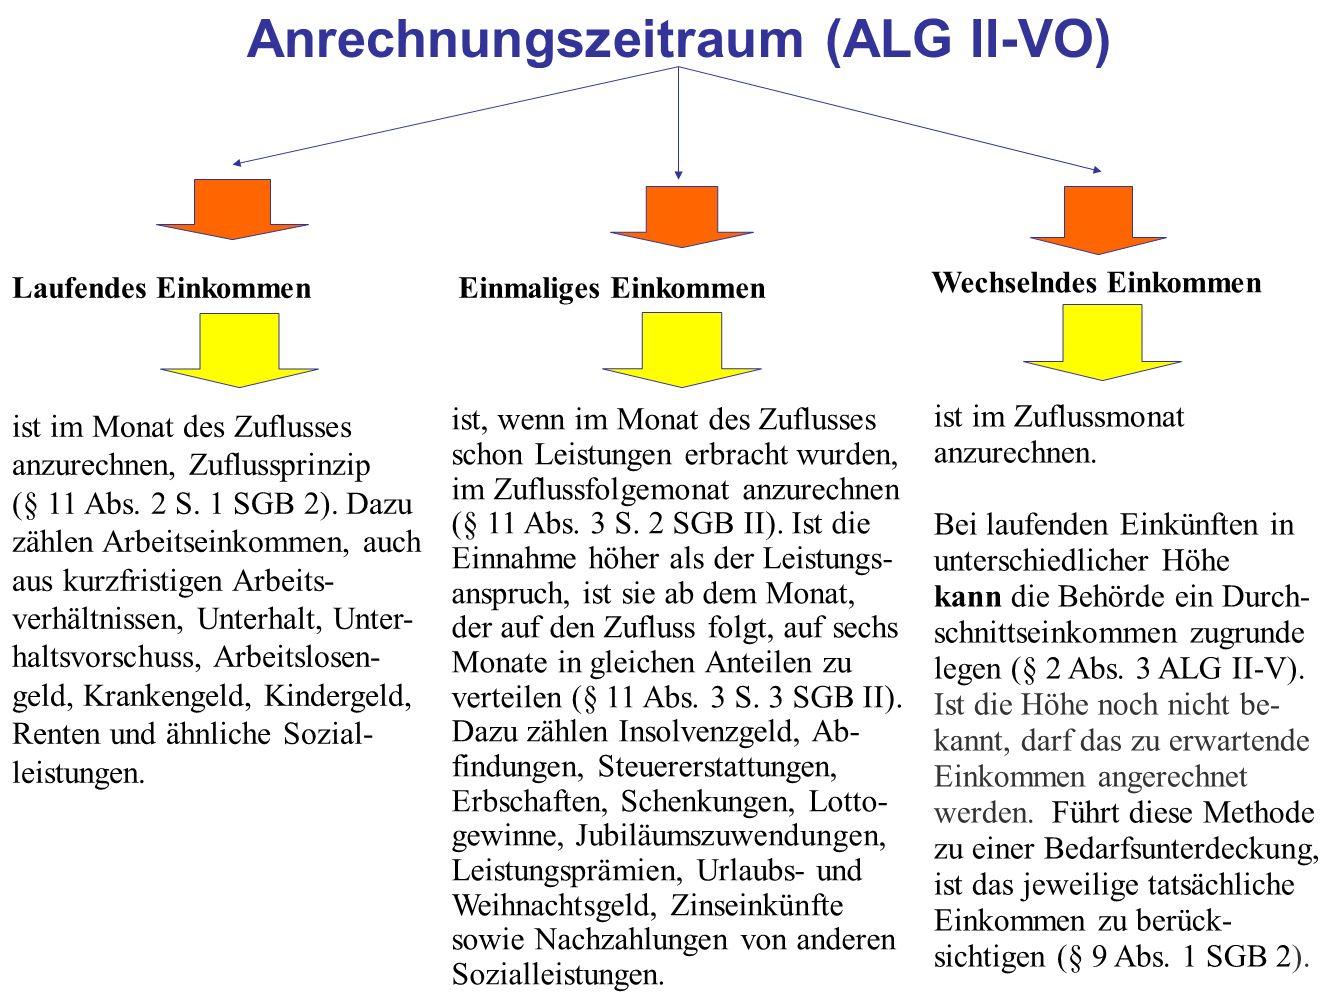 Anrechnungszeitraum (ALG II-VO)